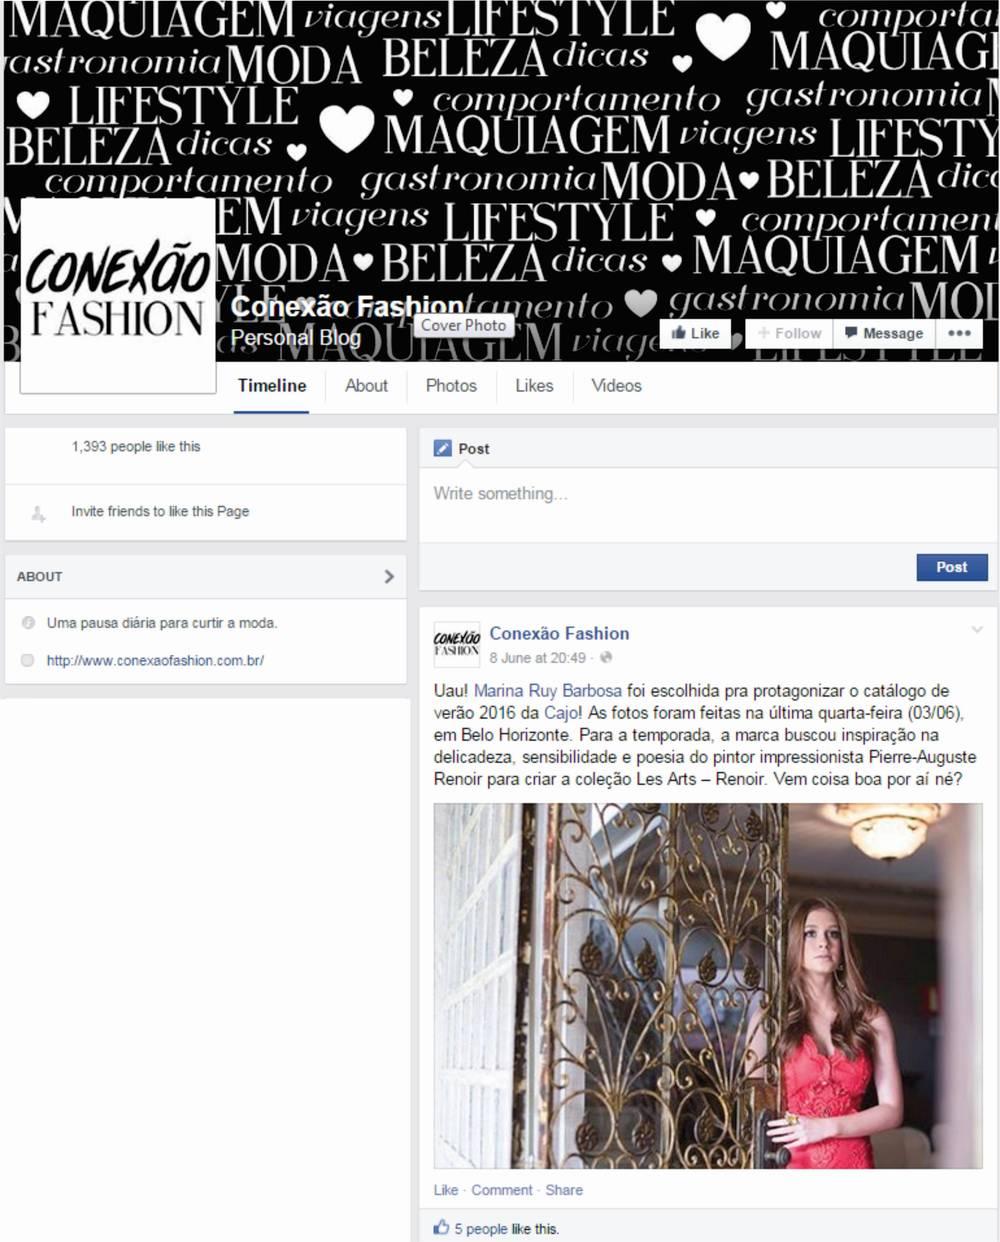 Cajo - Facebook - Conexão Fashion - 08-06-2015.jpg